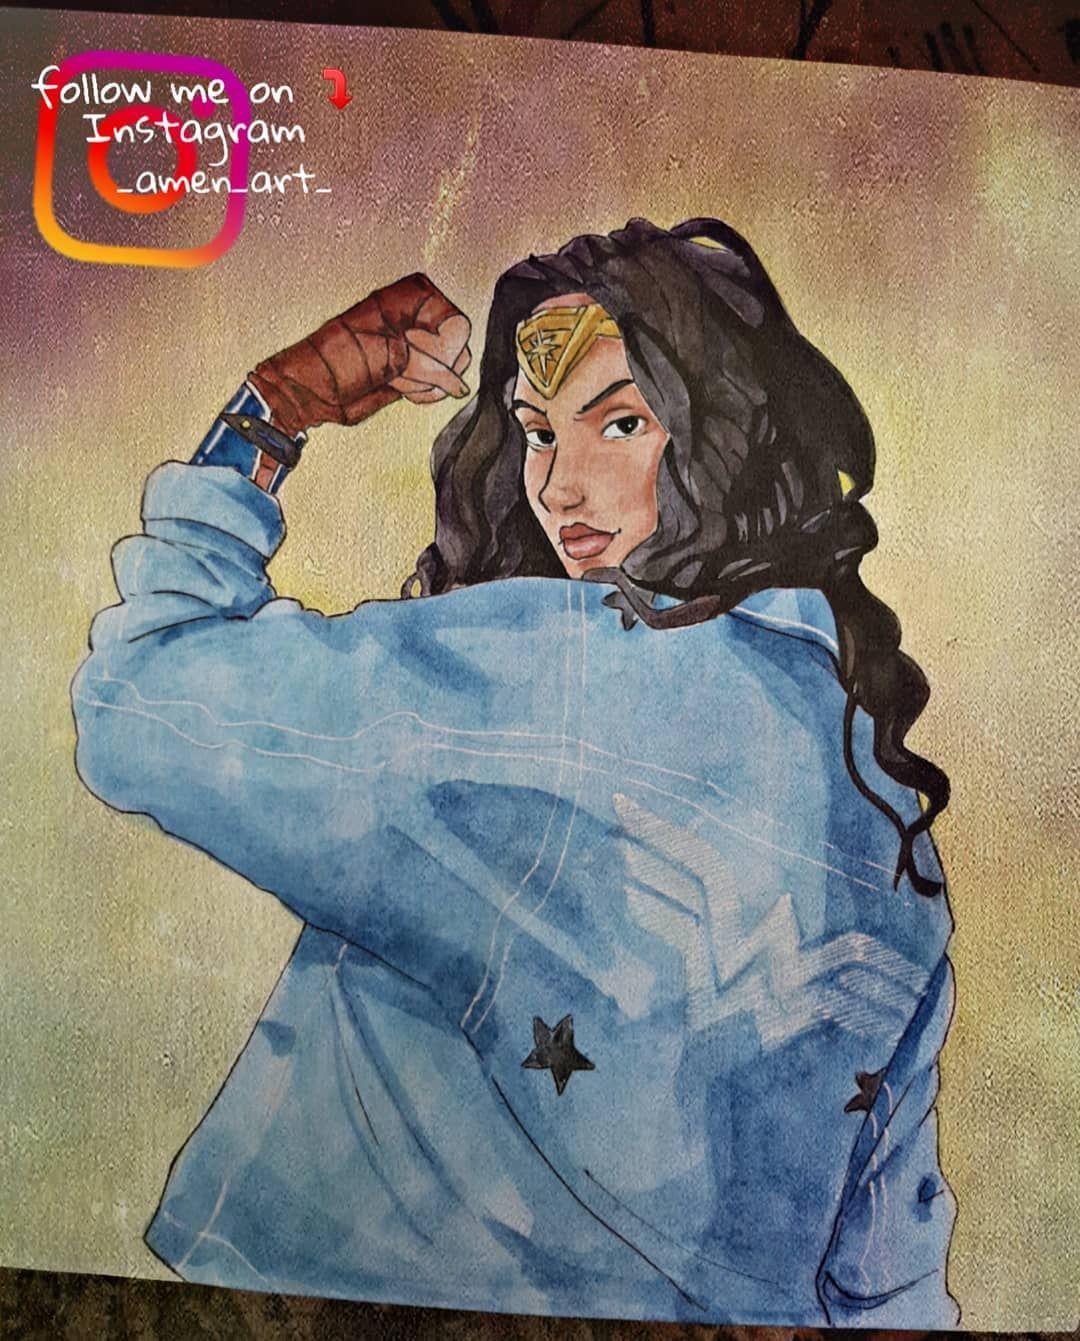 الوان مائيه Wonderwoman Art Artist Draw Drawing رسم رسامين العرب رسامين العراق الوان مائية الوان اقلام فرش Ma Art Disney Characters Character